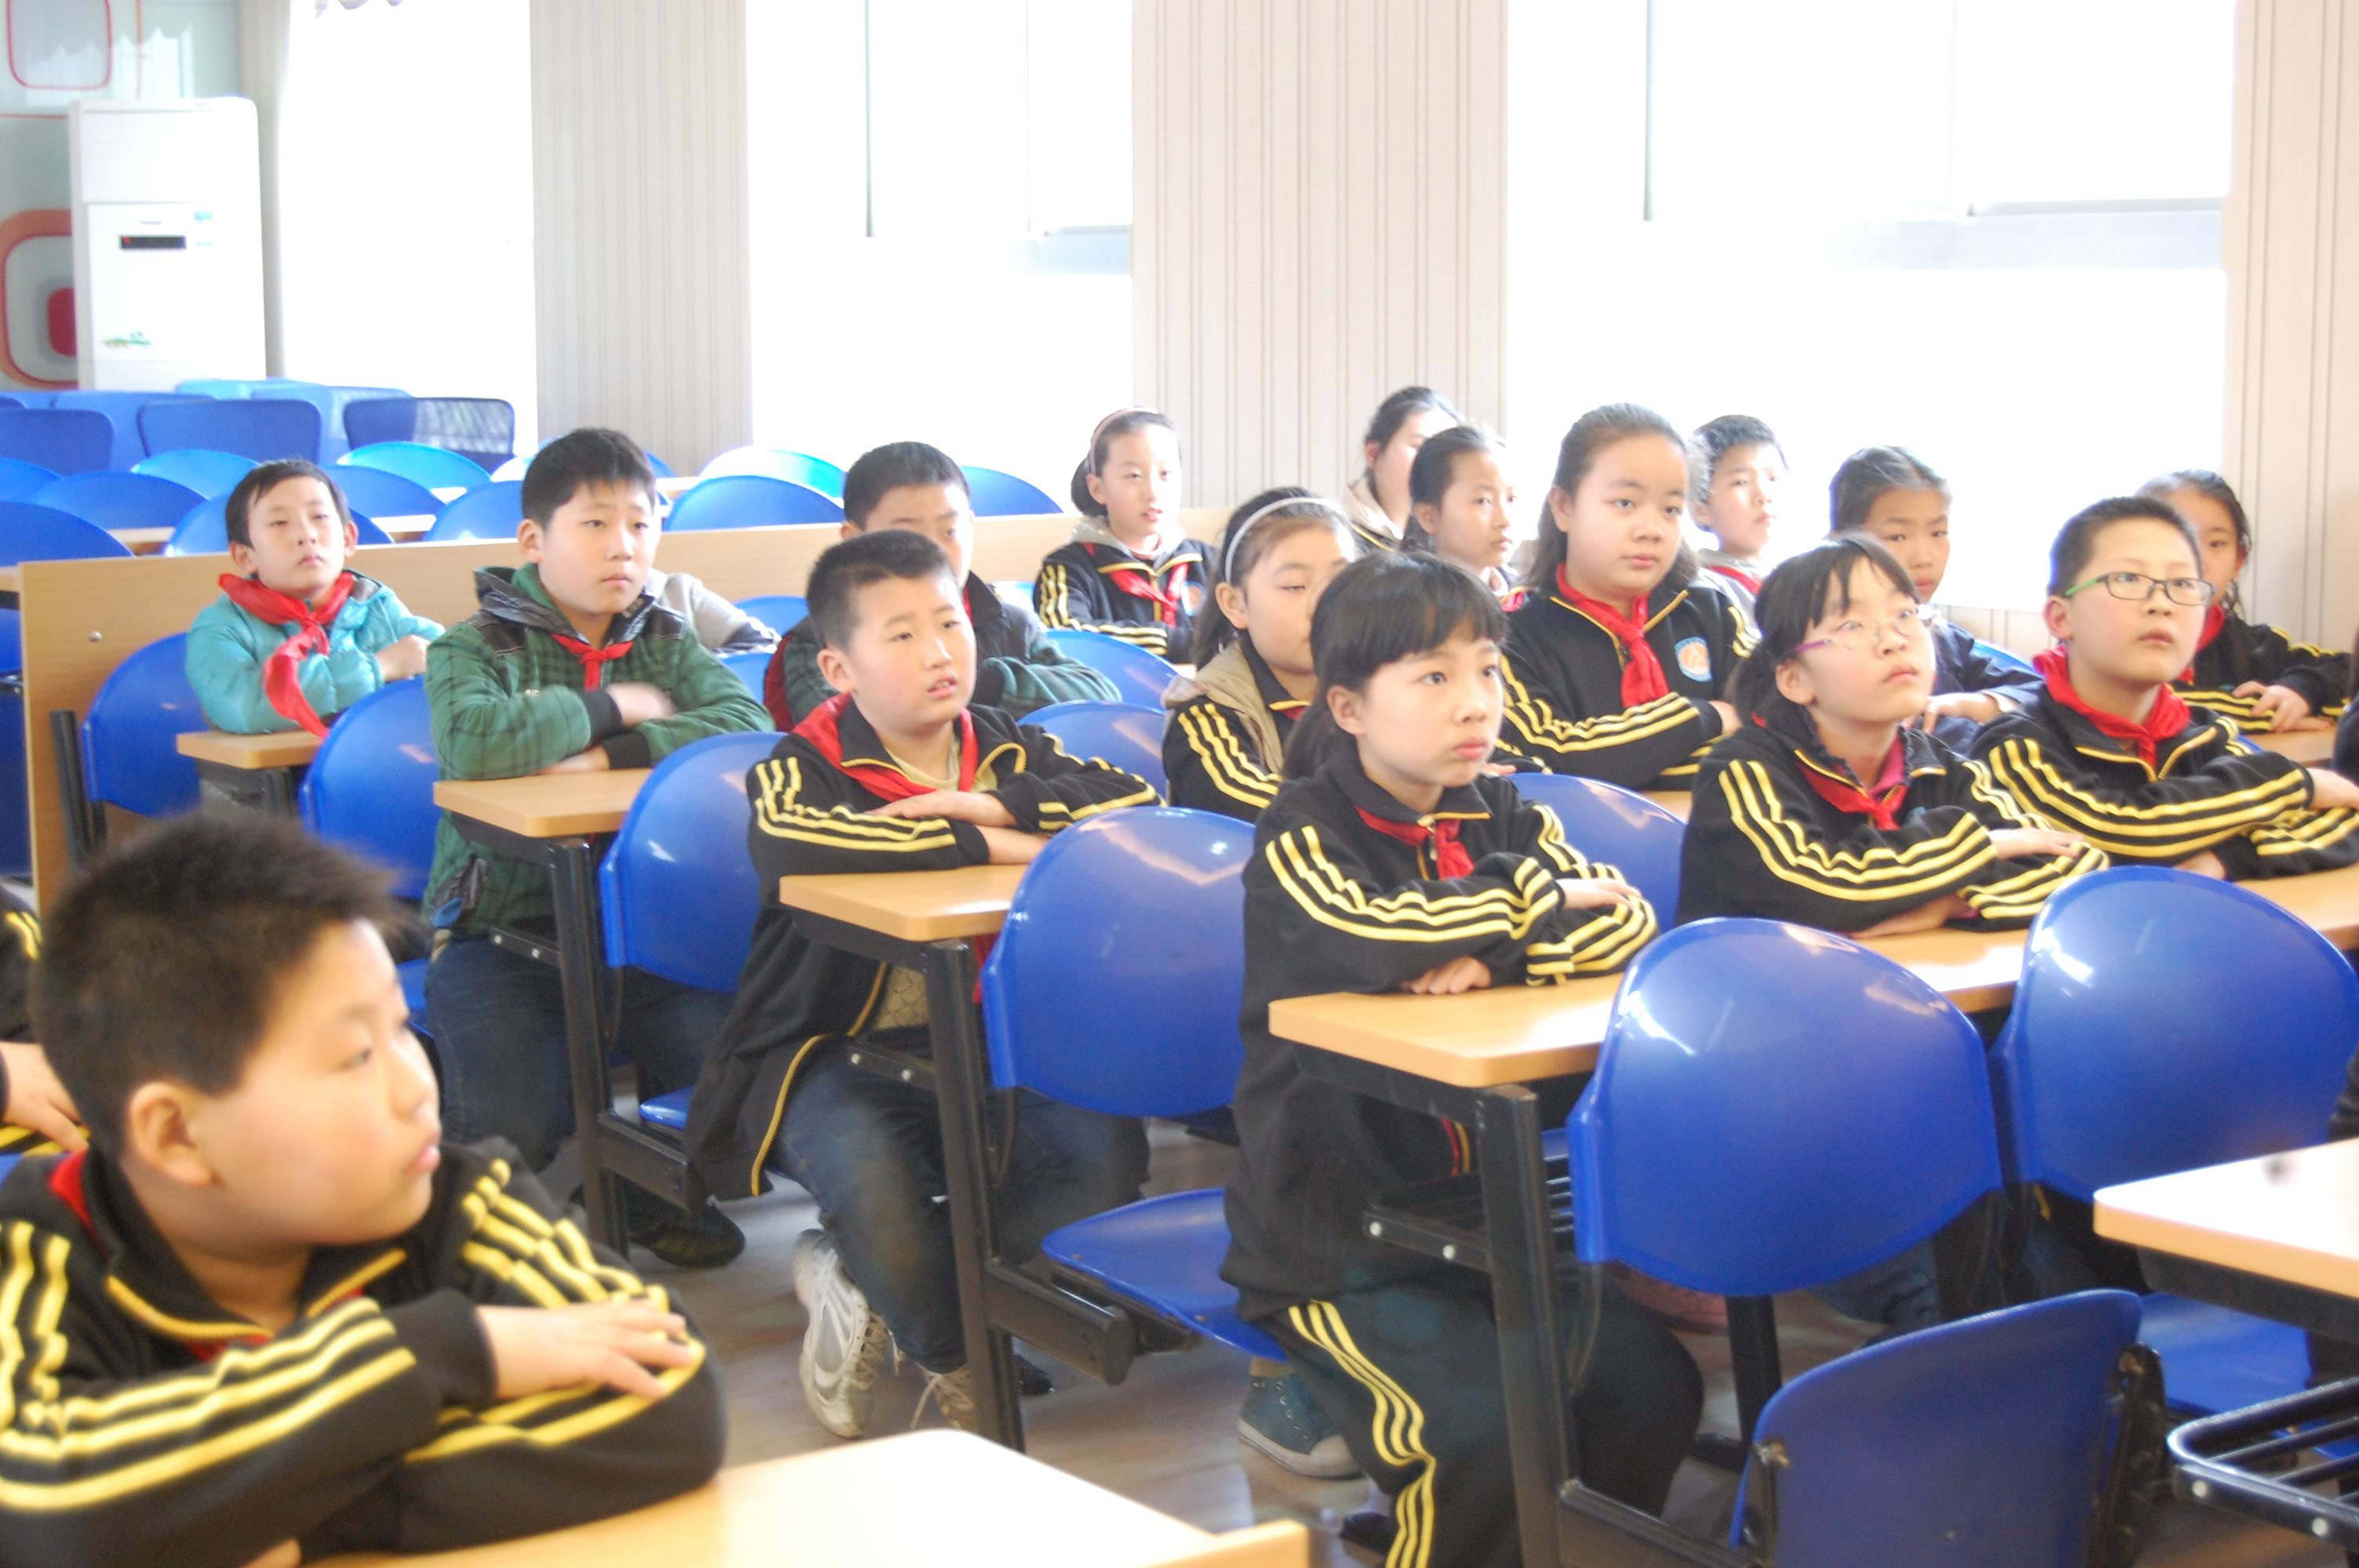 西安市小学路小学红领巾大讲堂宣讲-美丽中国v小学长缨结业图片